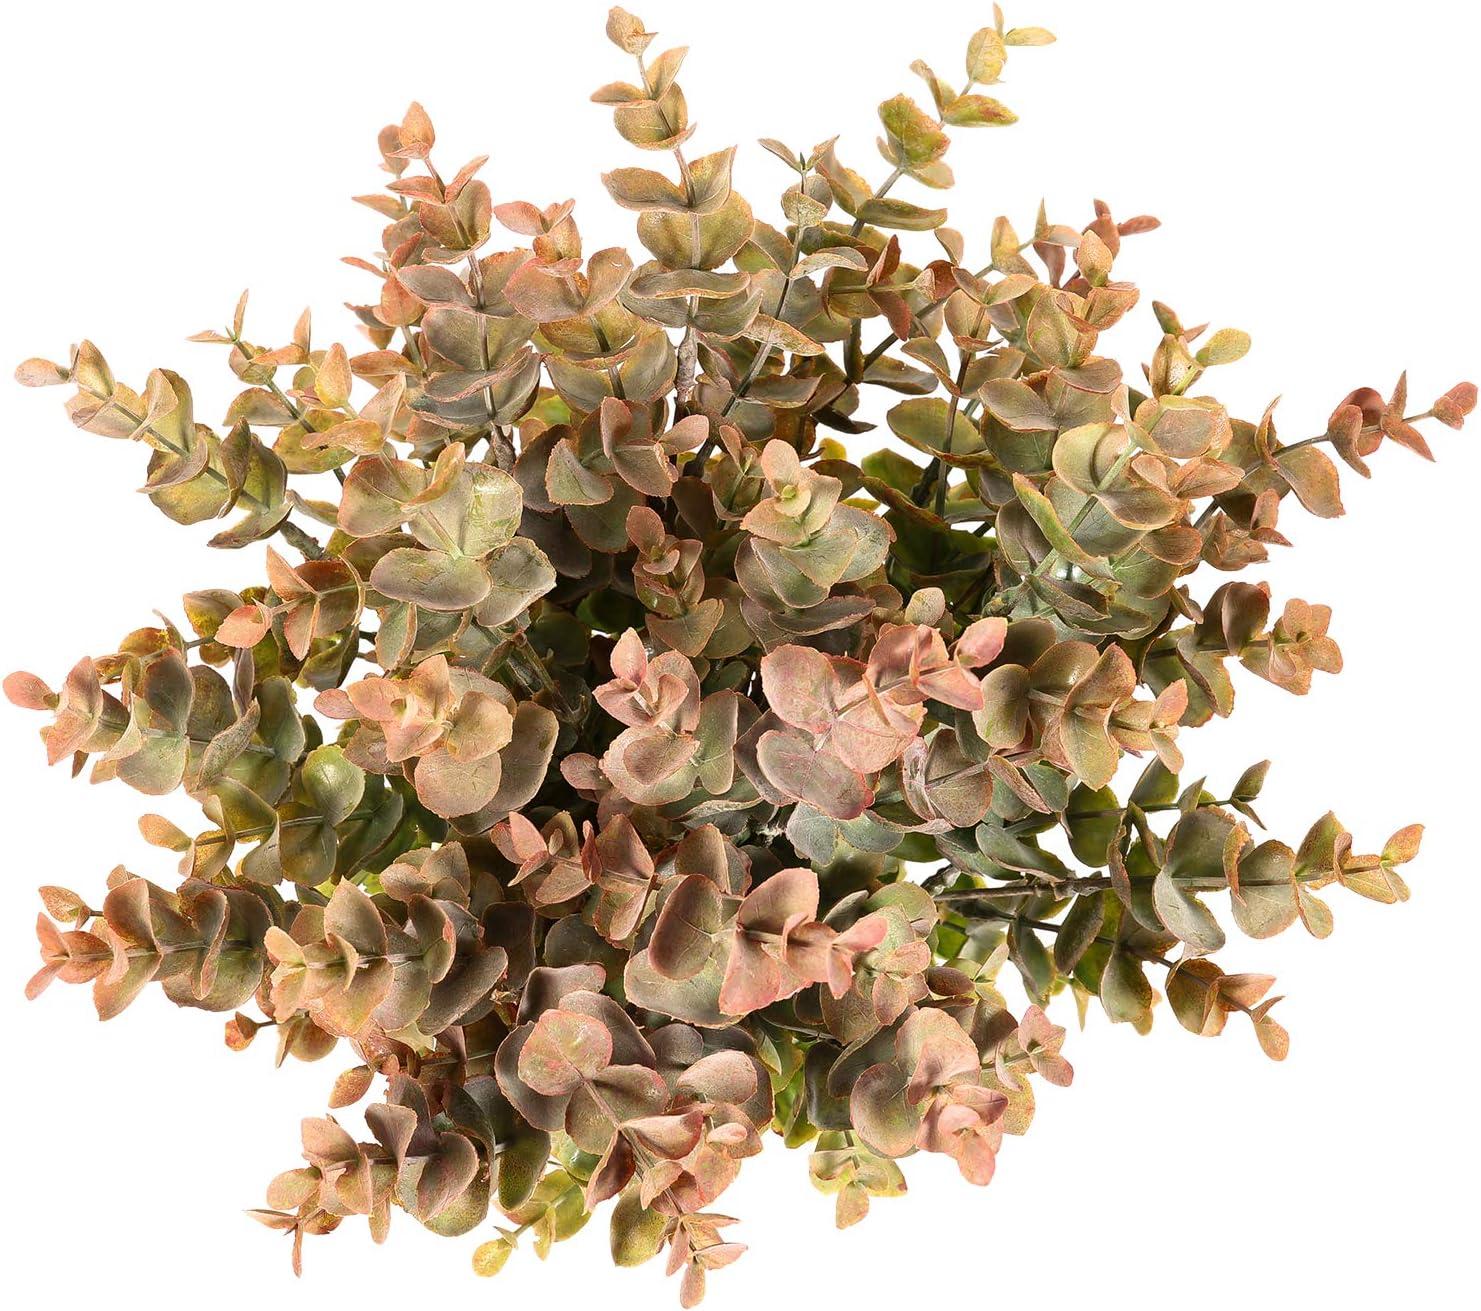 Flojery 4Pcs Artificial Eucalyptus Plant Fake Silver Dollar Eucalyptus Branches Greenery Wedding Jungle Theme Party Home Decor (Fall Green)